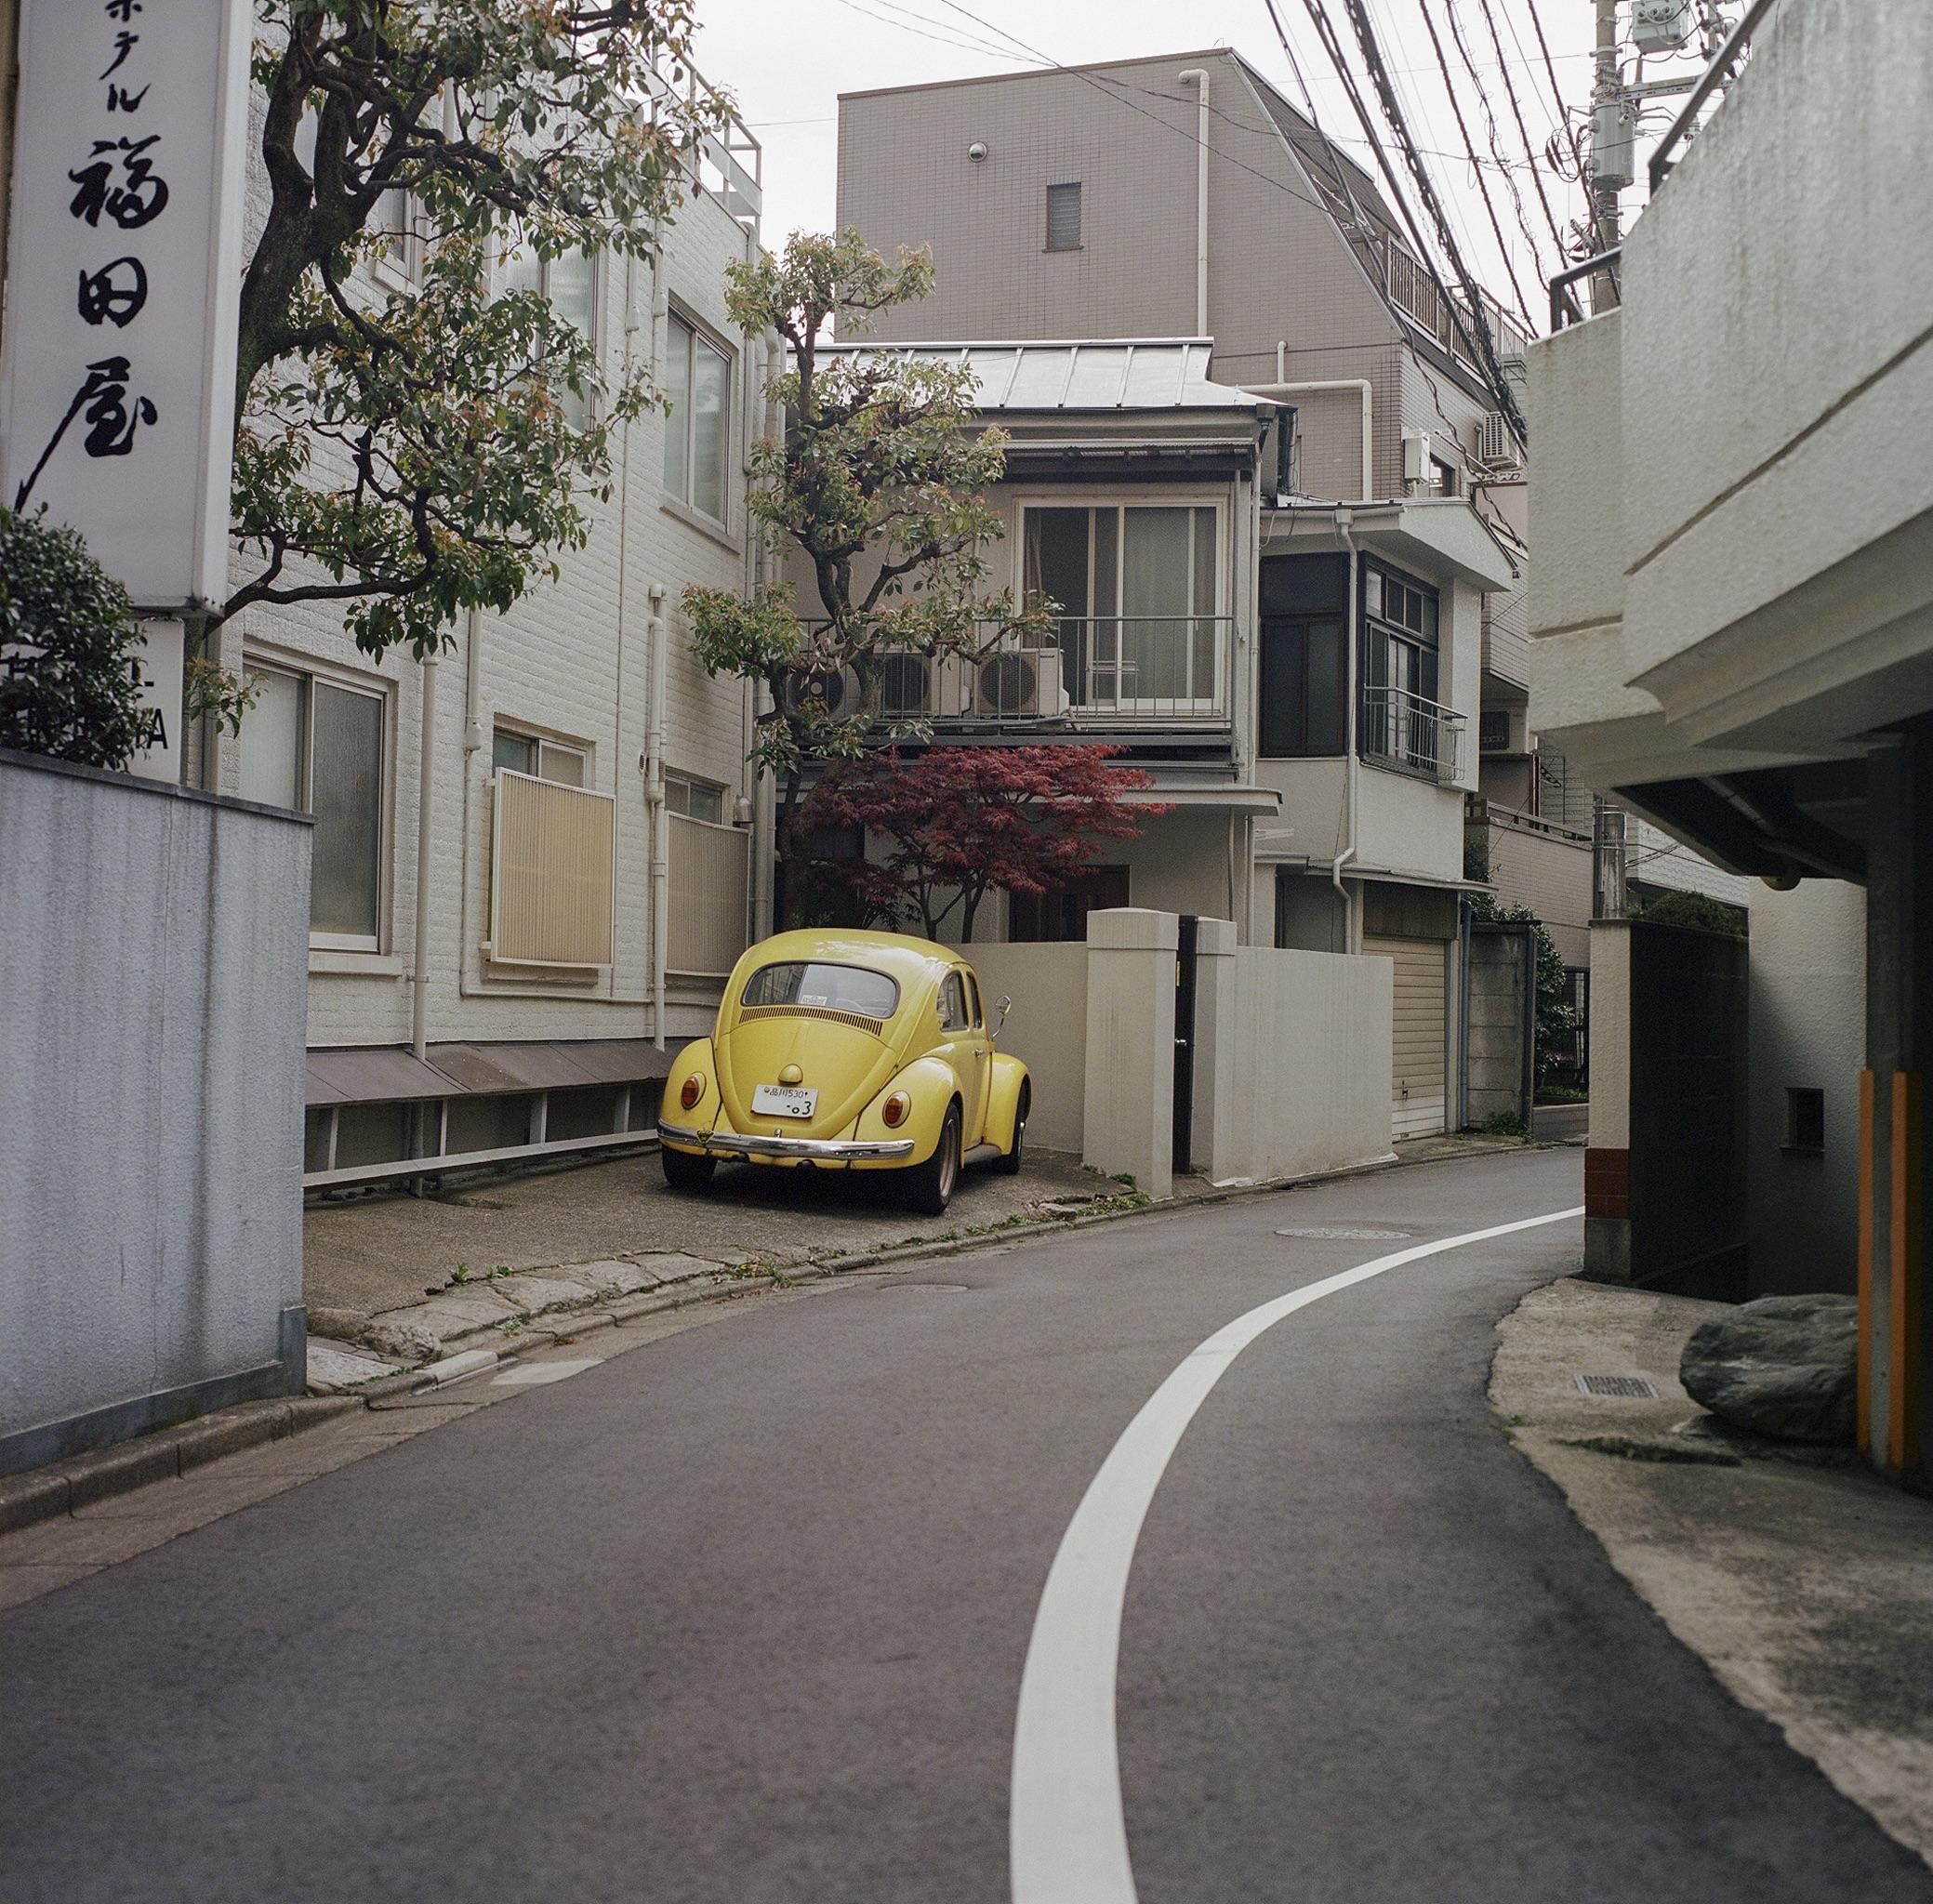 NEW TOPOS STUDIES I - Tokyoites - Fred Tougas.jpg